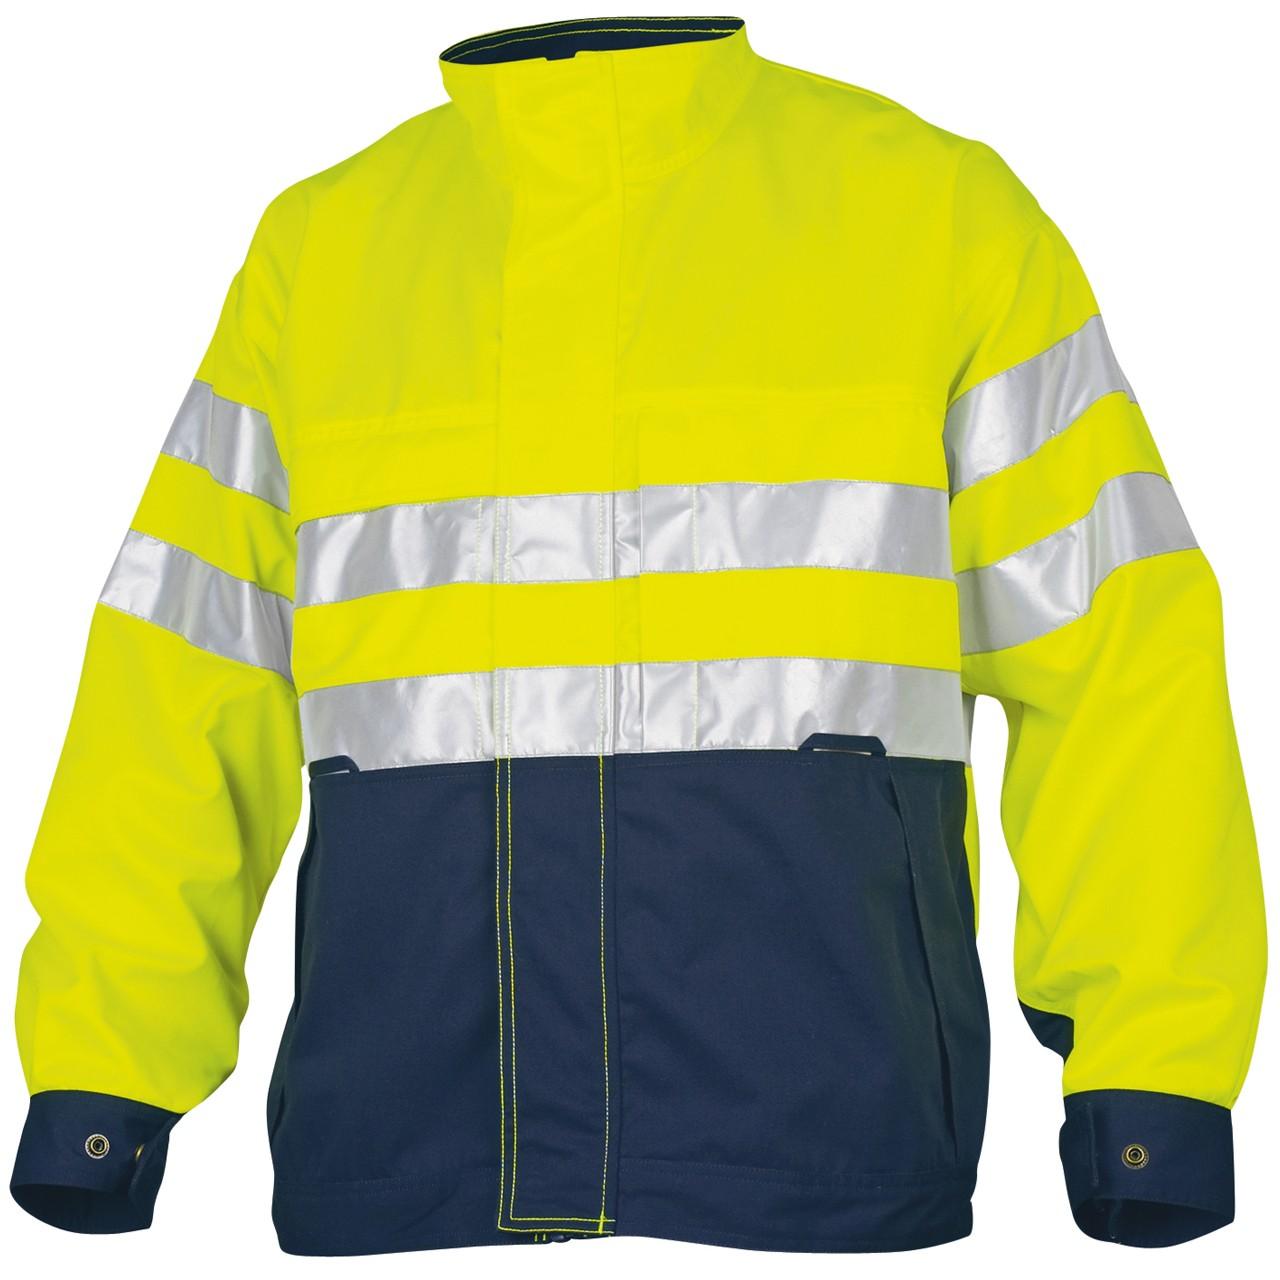 Warnschutz Sicherheits-Funktionsjacke Projob® | bedrucken, besticken, bedrucken lassen, besticken lassen, mit Logo |